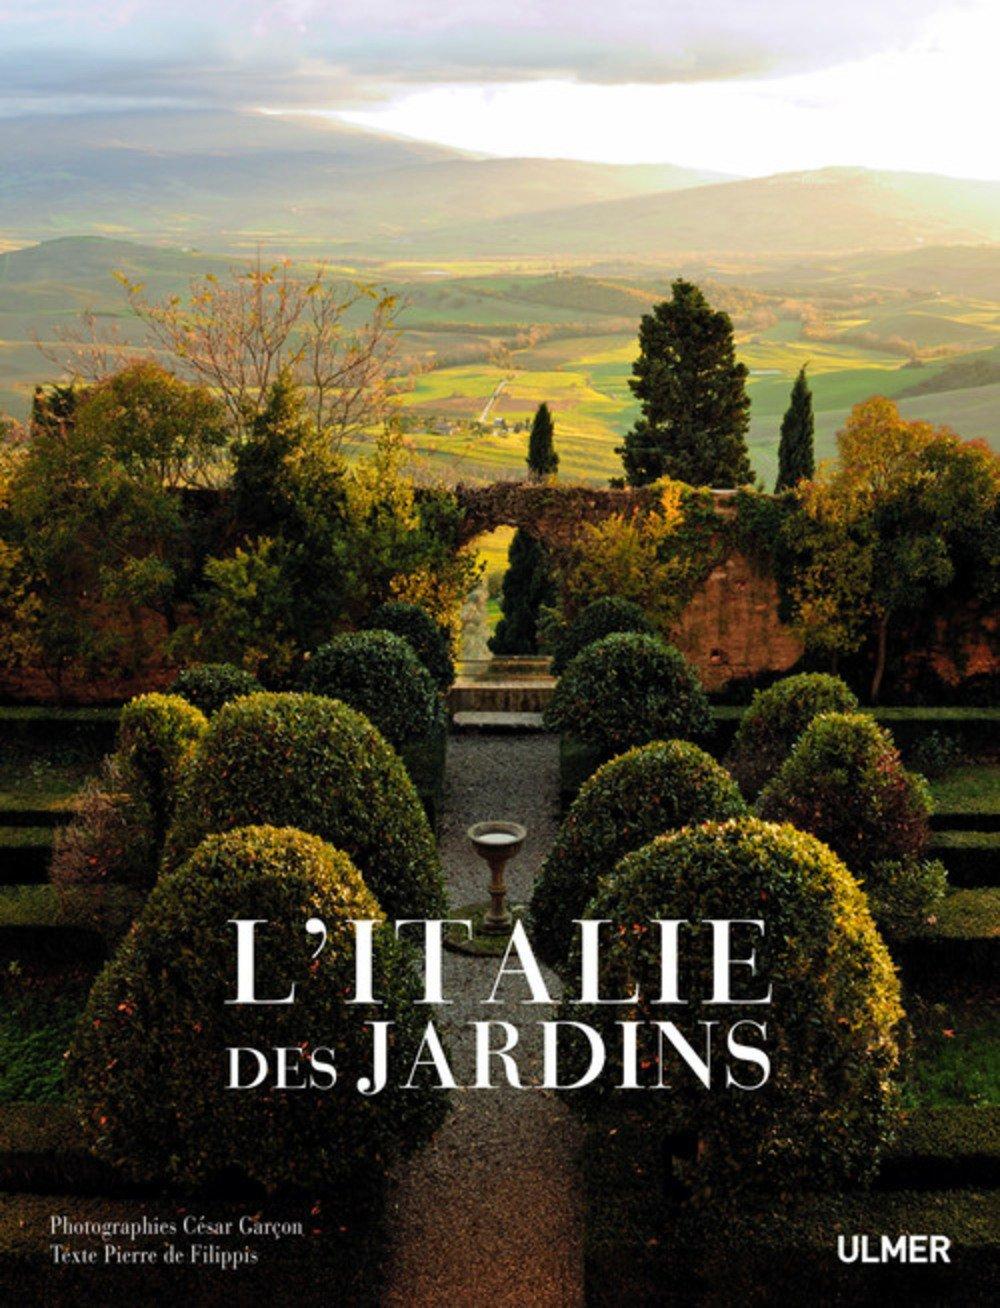 Decorer son Jardin Avec Des Pierres Élégant Amazon L Italie Des Jardins Fillipis Pierre De